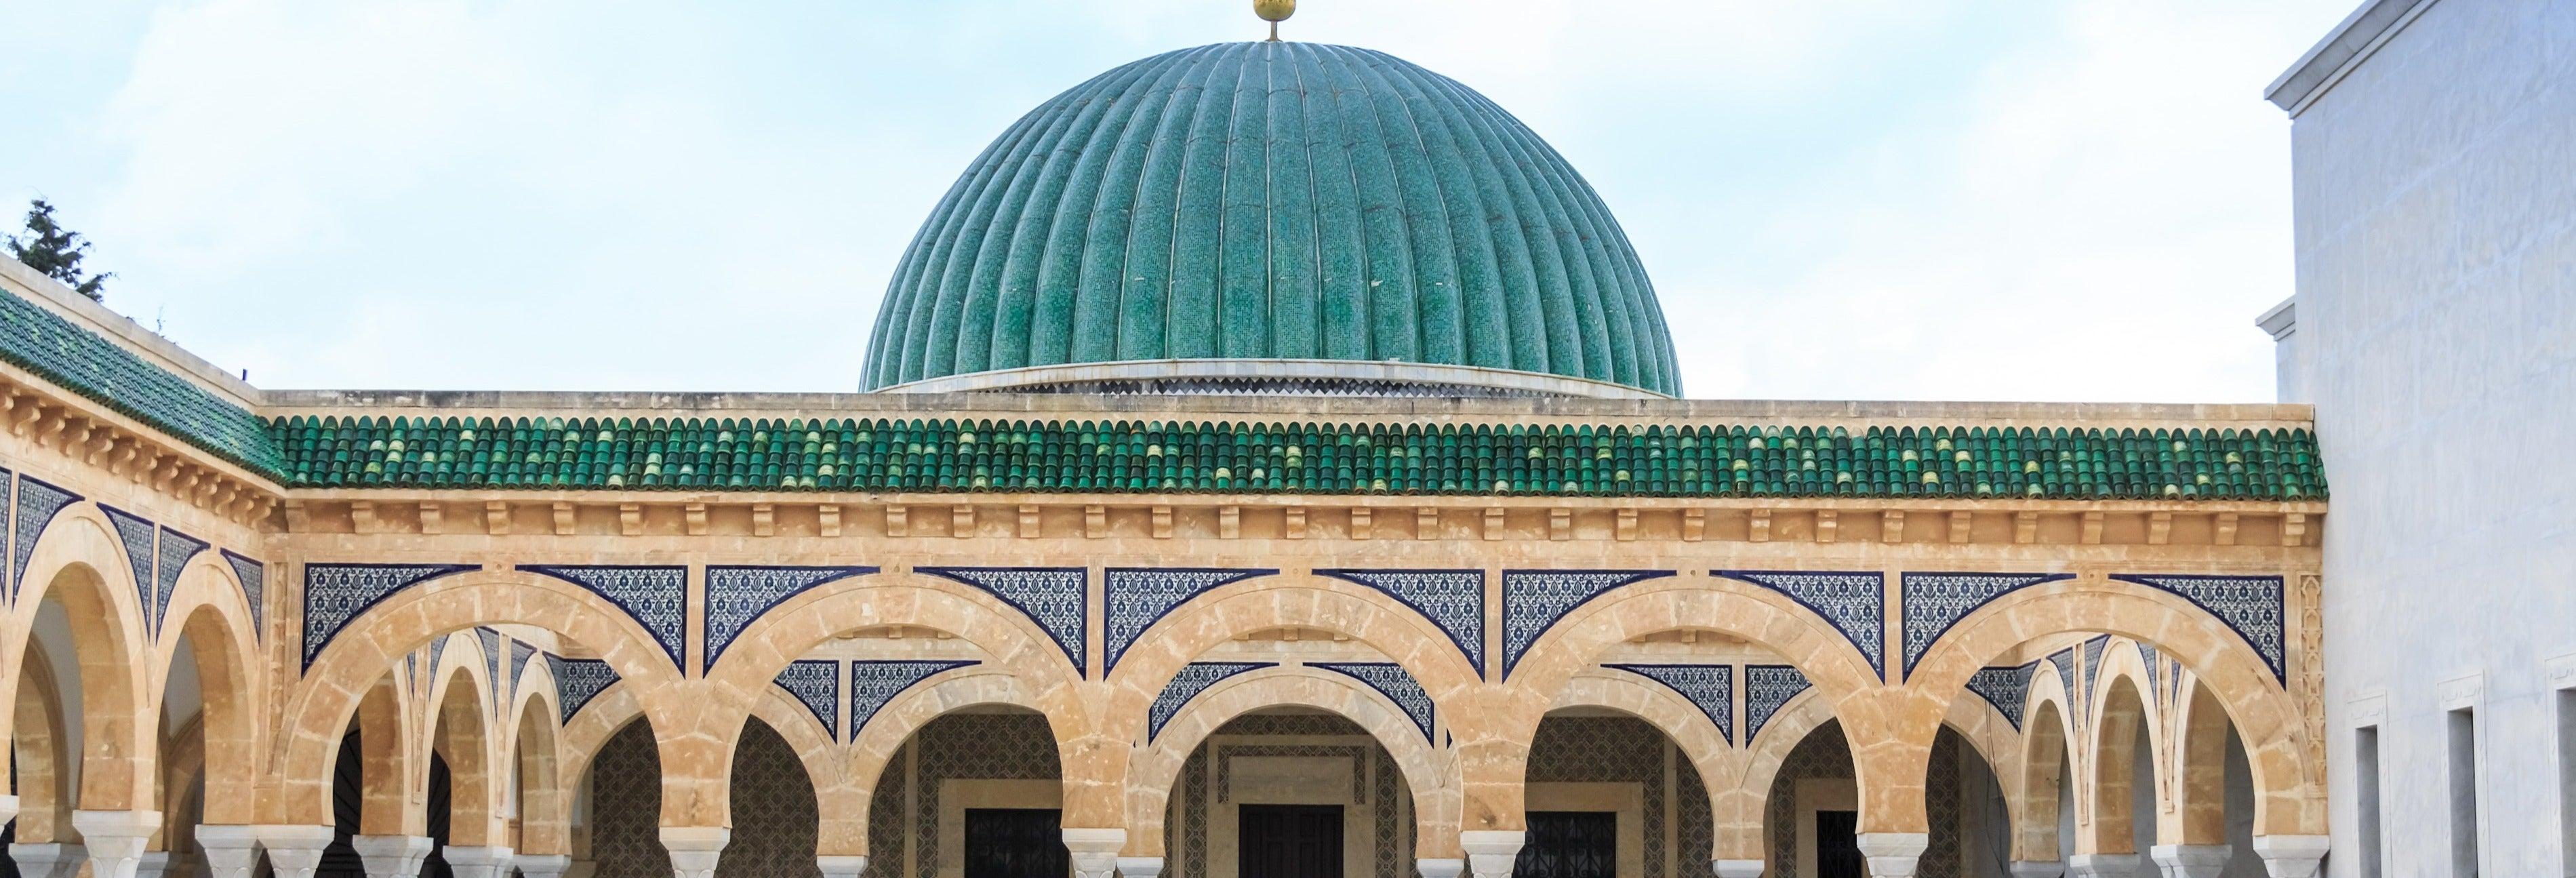 Excursão a Monastir e El Jem